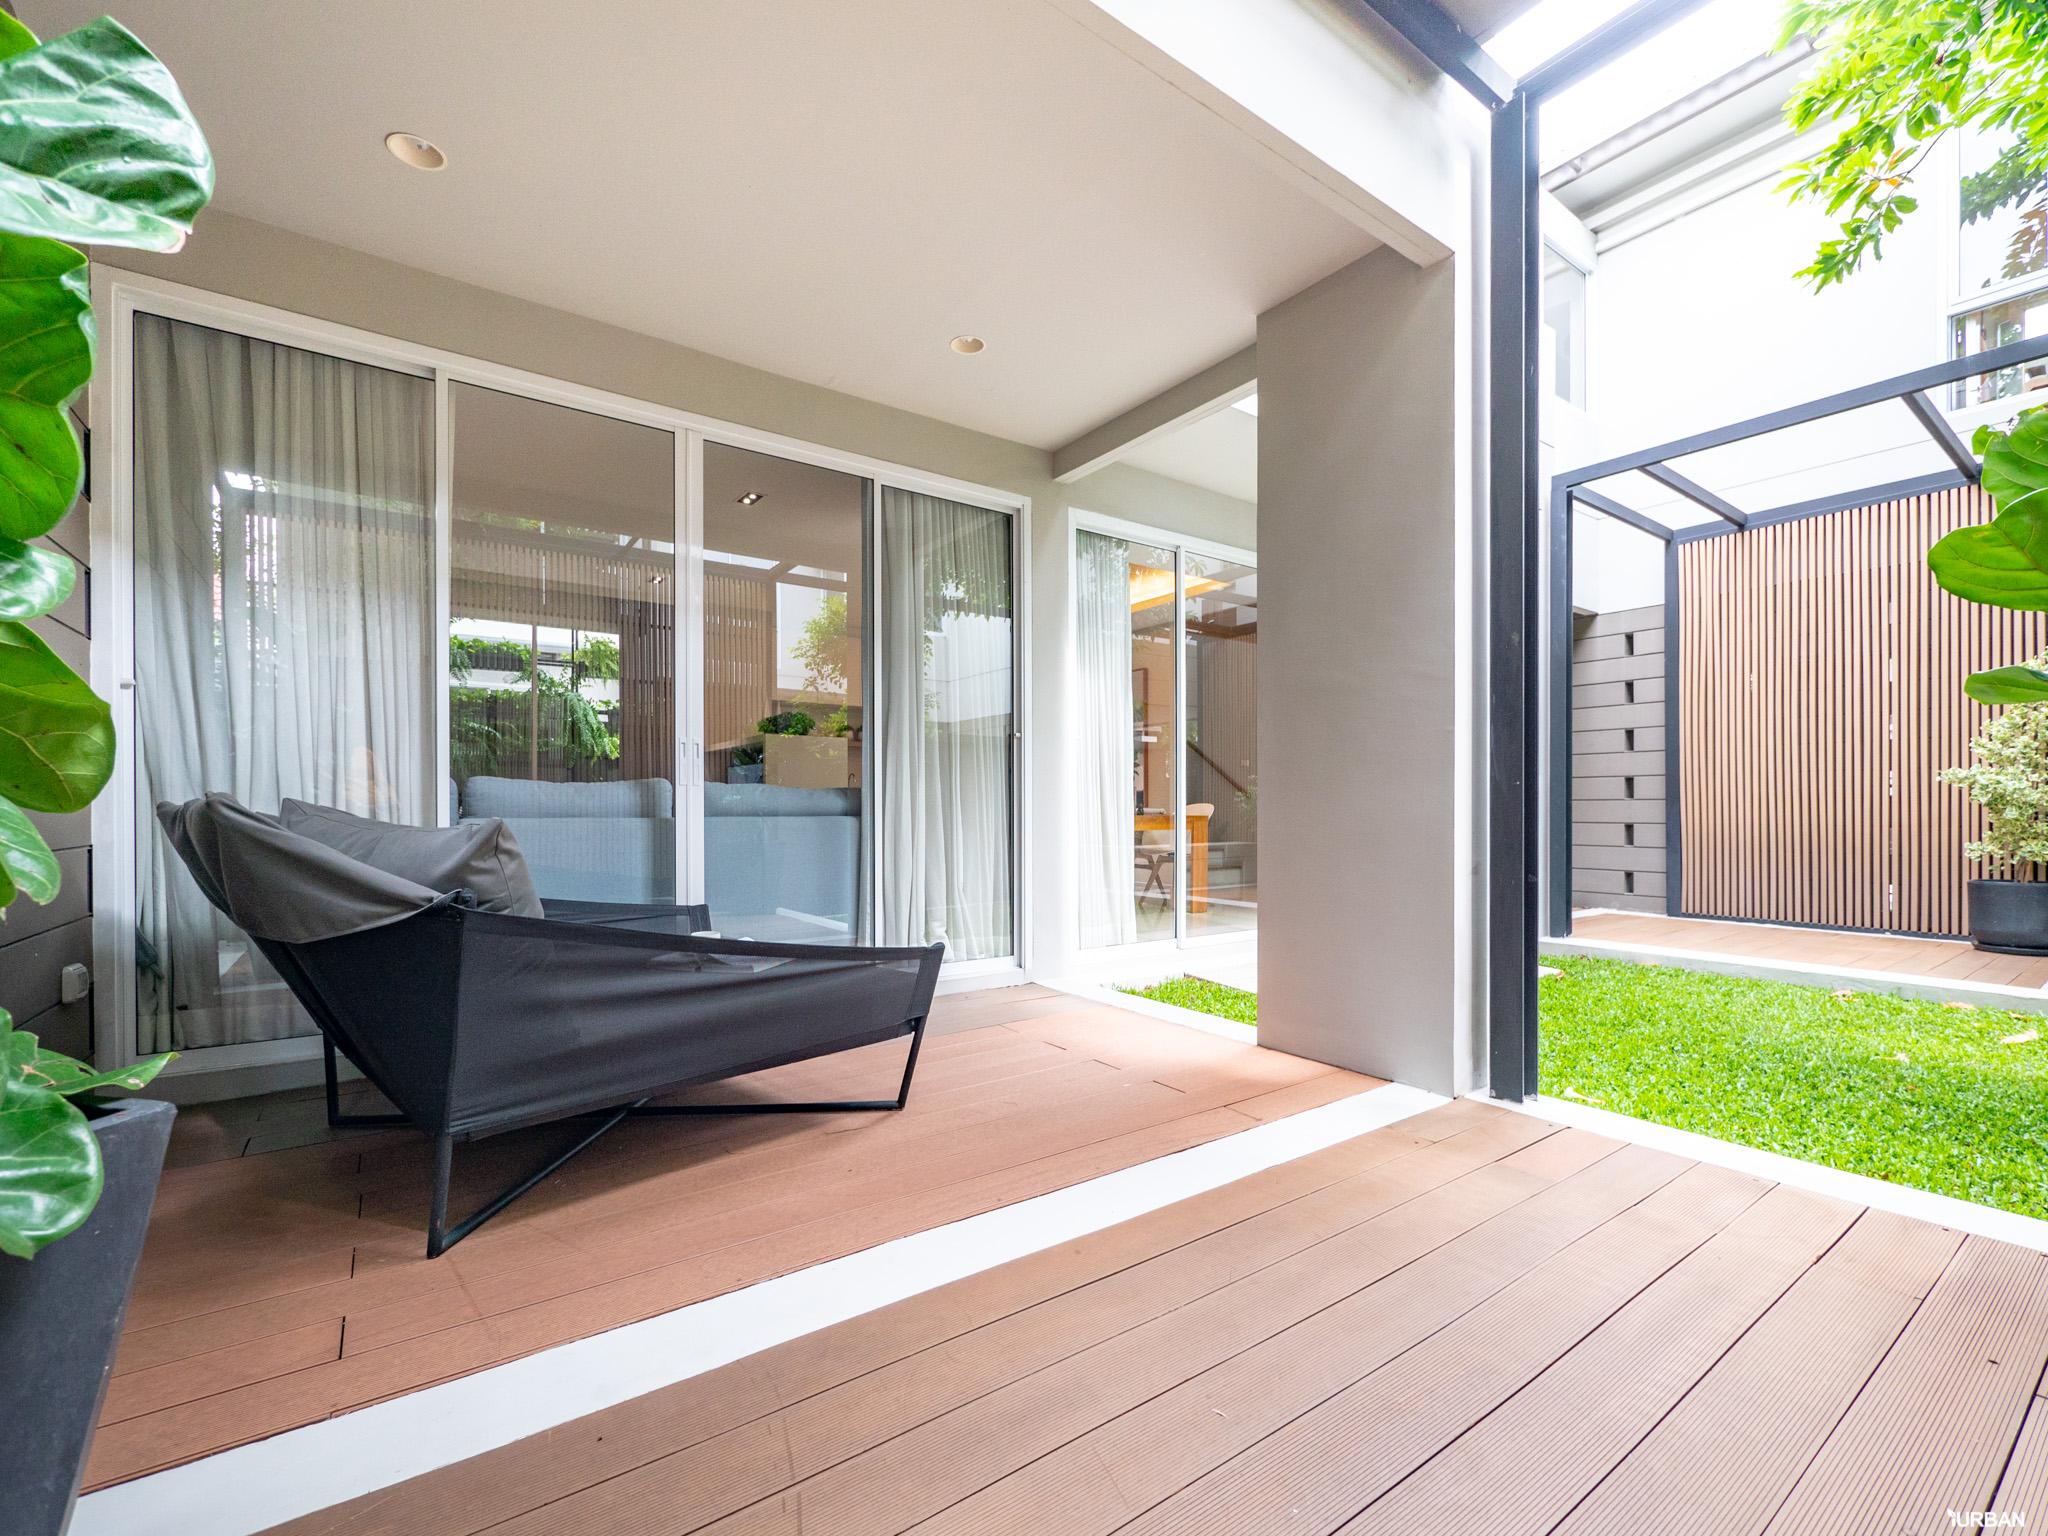 รีวิว บารานี พาร์ค ศรีนครินทร์-ร่มเกล้า บ้านสไตล์ Courtyard House ของไทยที่ได้รางวัลสถาปัตยกรรม 68 - Baranee Park